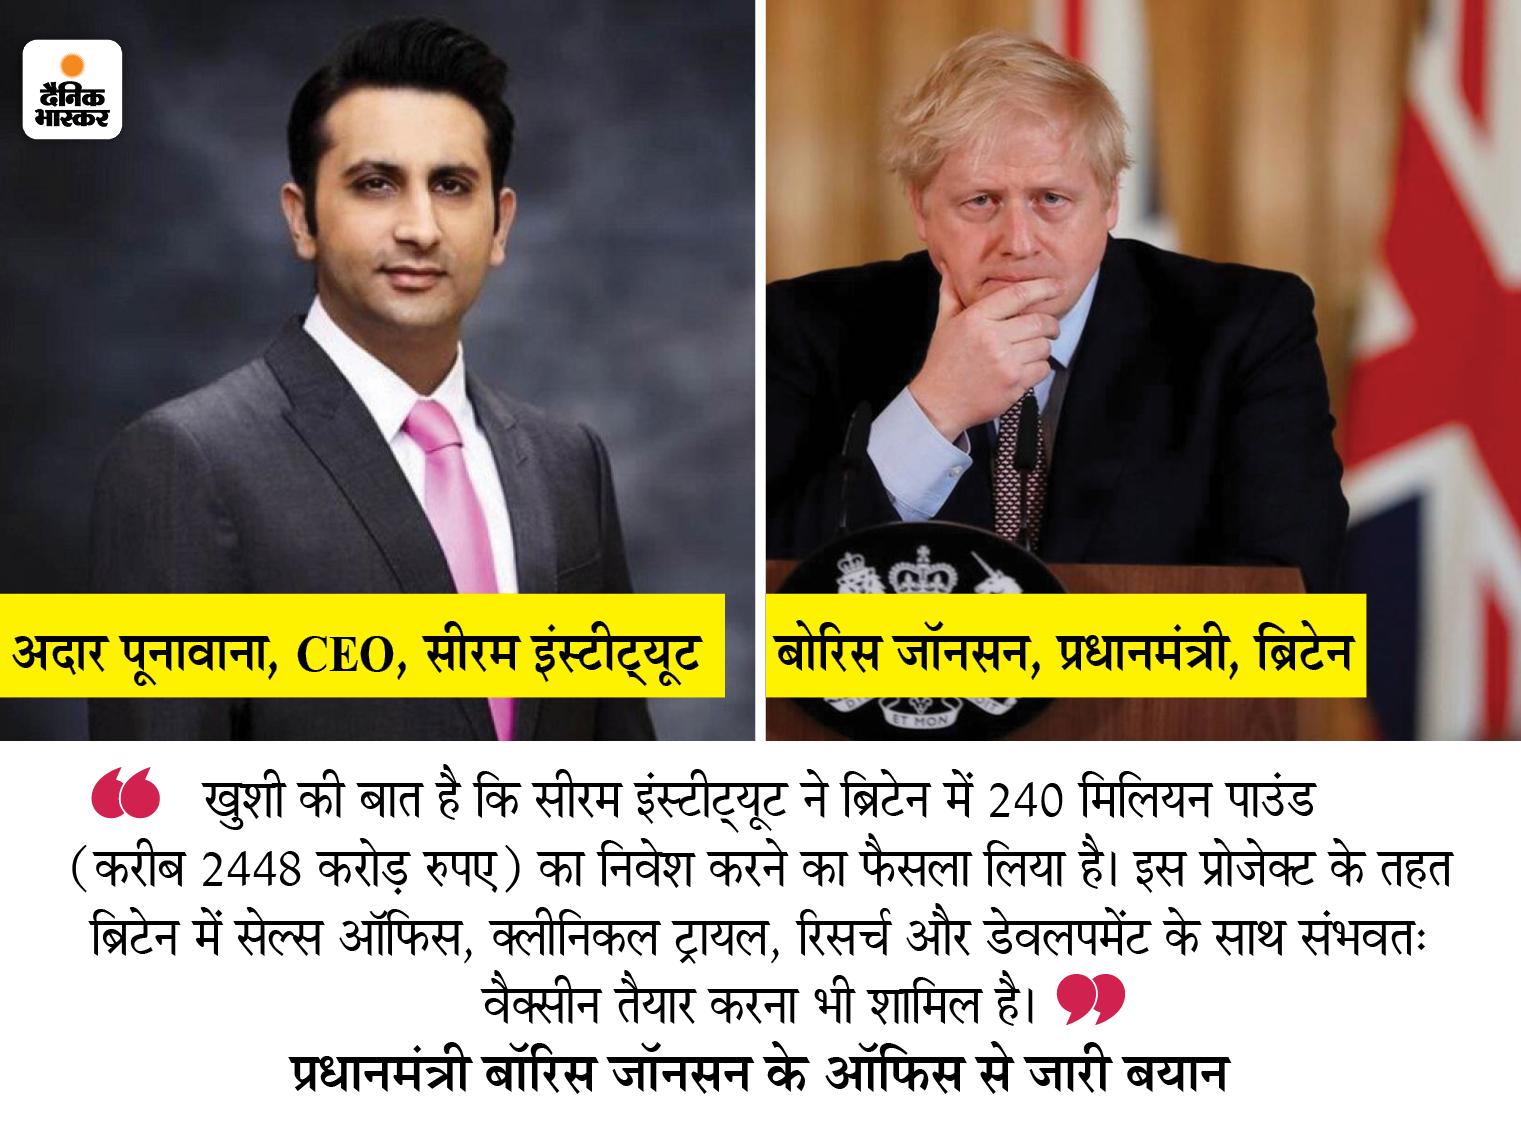 ब्रिटेन में 2448 करोड़ रुपए निवेश करेगा सीरम इंस्टीट्यूट, PM जॉनसन बोले- रिसर्च और डेवलपमेंट के साथ वैक्सीन भी तैयार होगी विदेश,International - Dainik Bhaskar